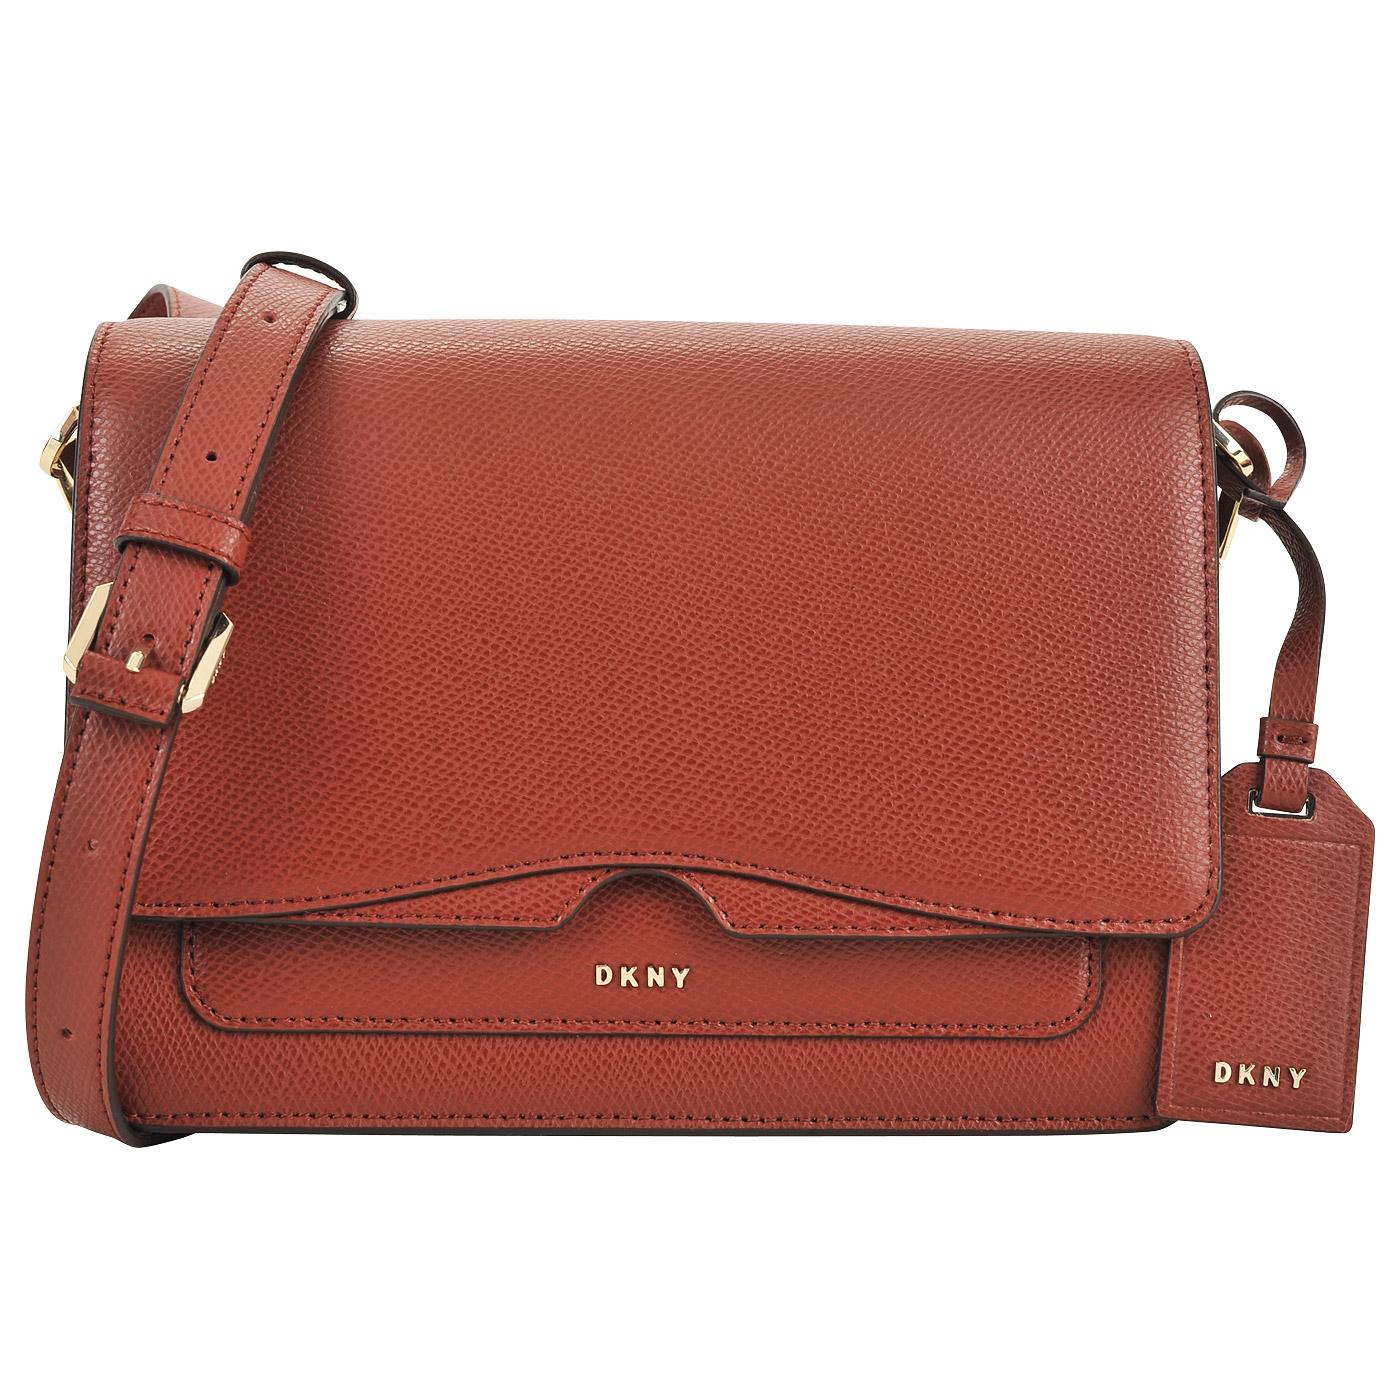 6c45d7e8da3a ... Женская красная сумка кросс-боди из сафьяновой кожи DKNY Cross Saffiano  ...